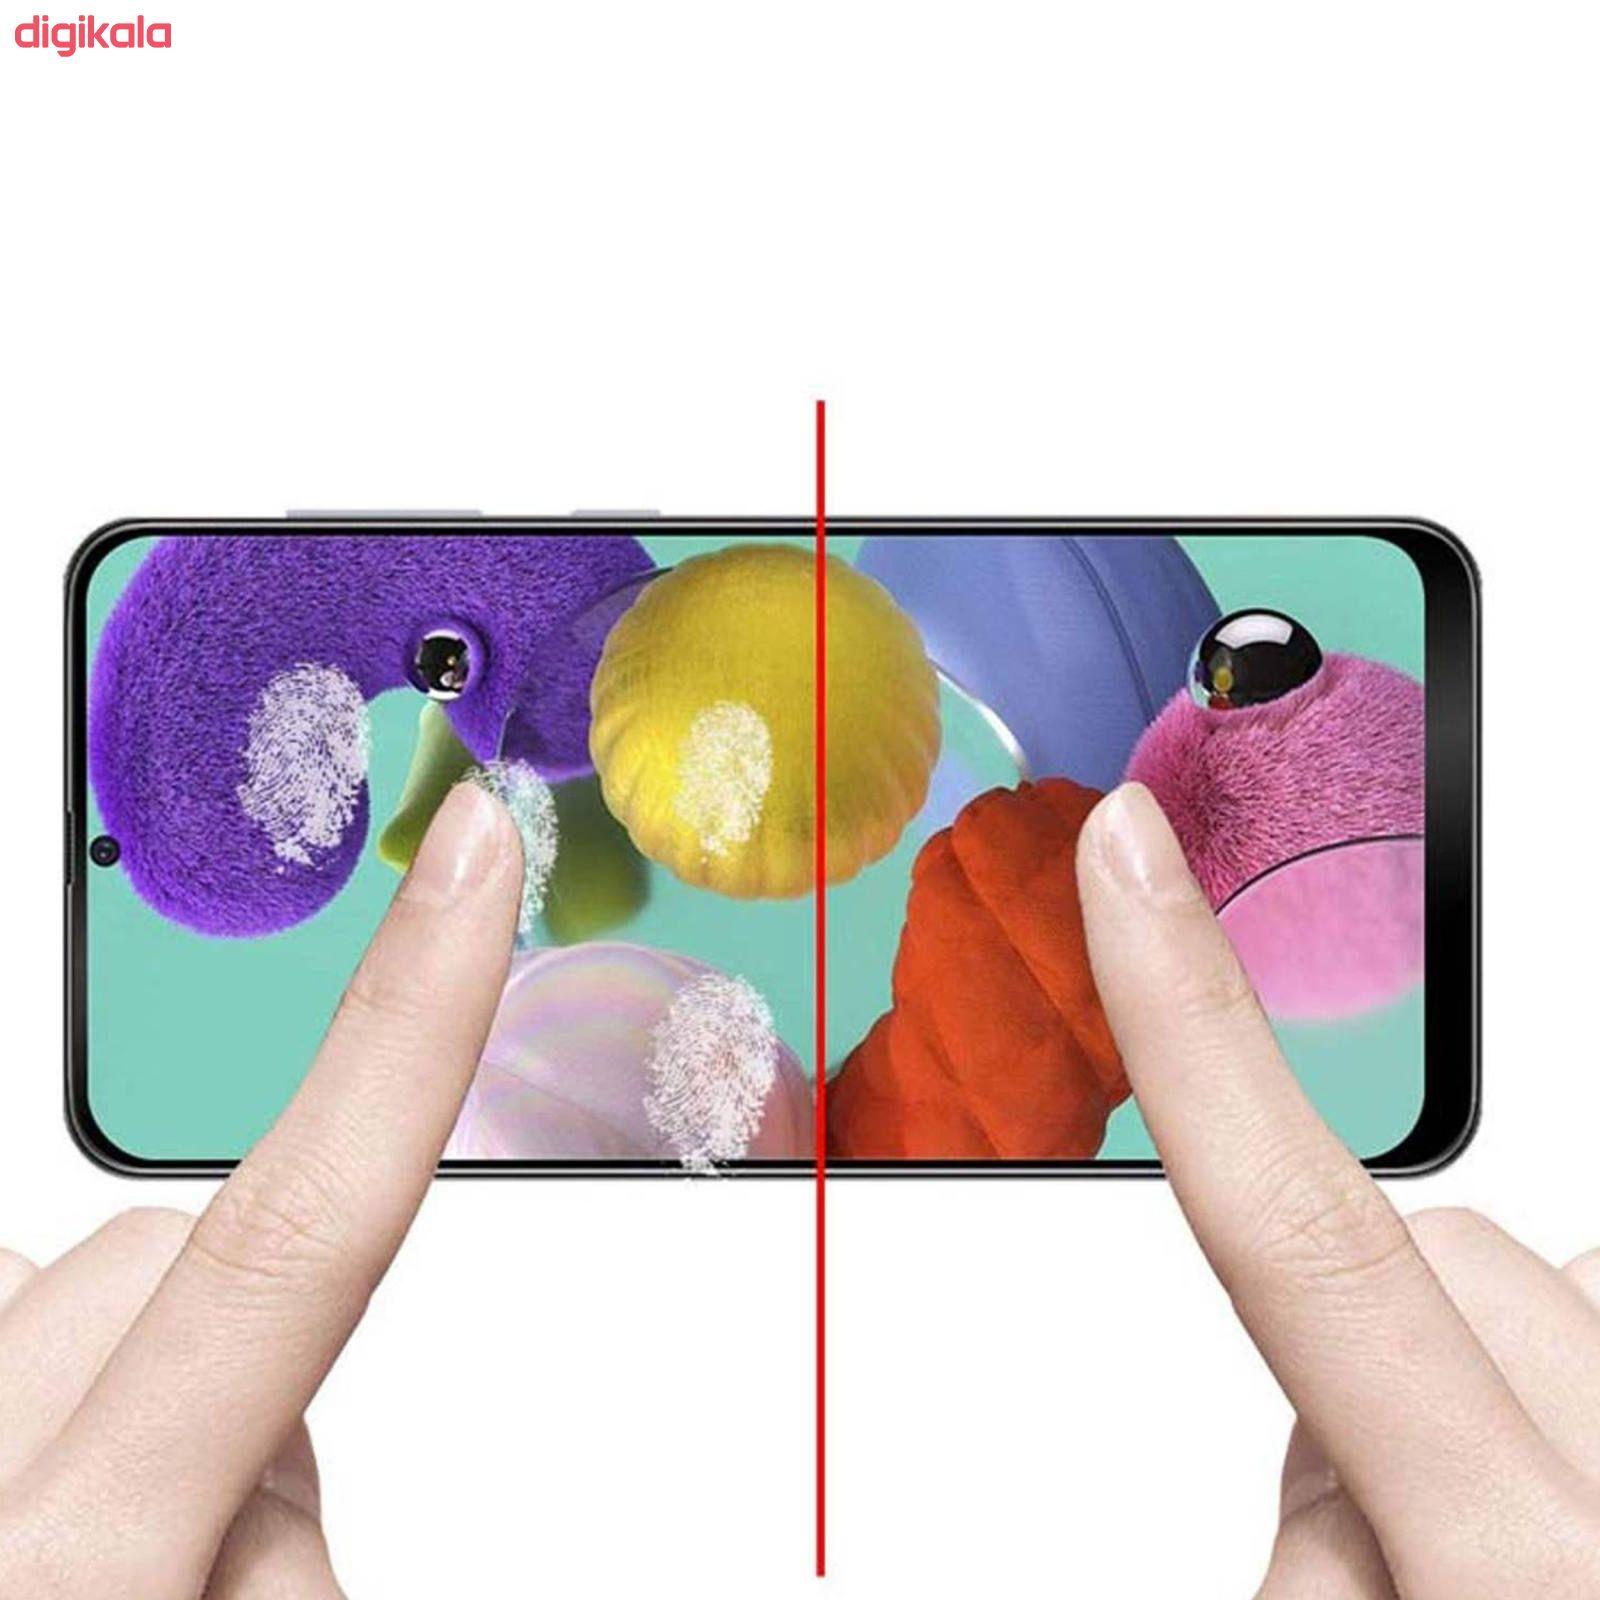 محافظ صفحه نمایش آیرون من مدل Rinbo مناسب برای گوشی موبایل سامسونگ Galaxy A50/A50s/A30s/A30  main 1 7